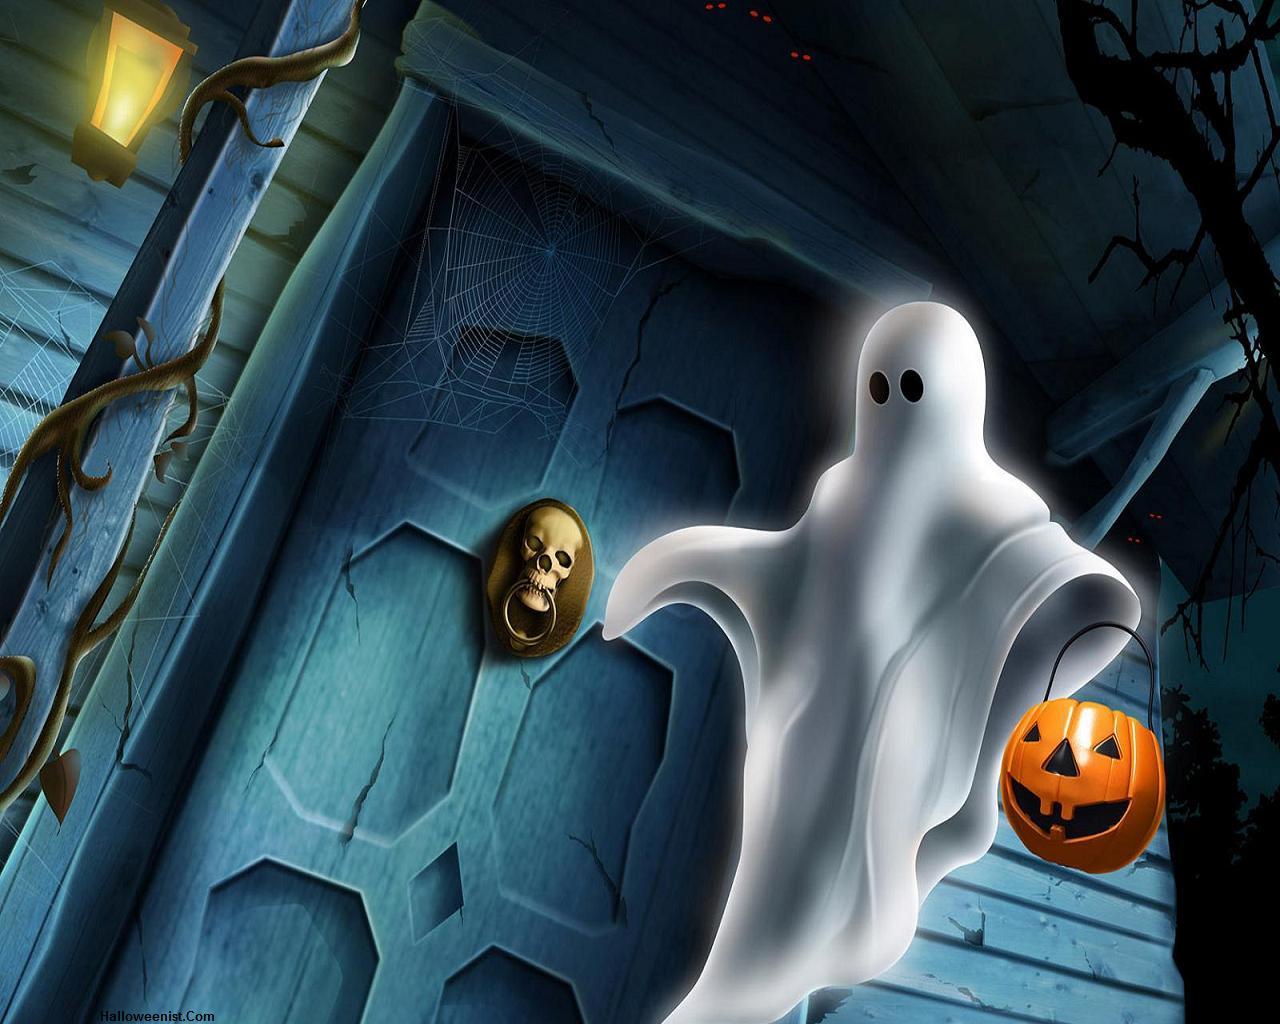 Halloween wallpaper backgrounds image halloween 1280x1024